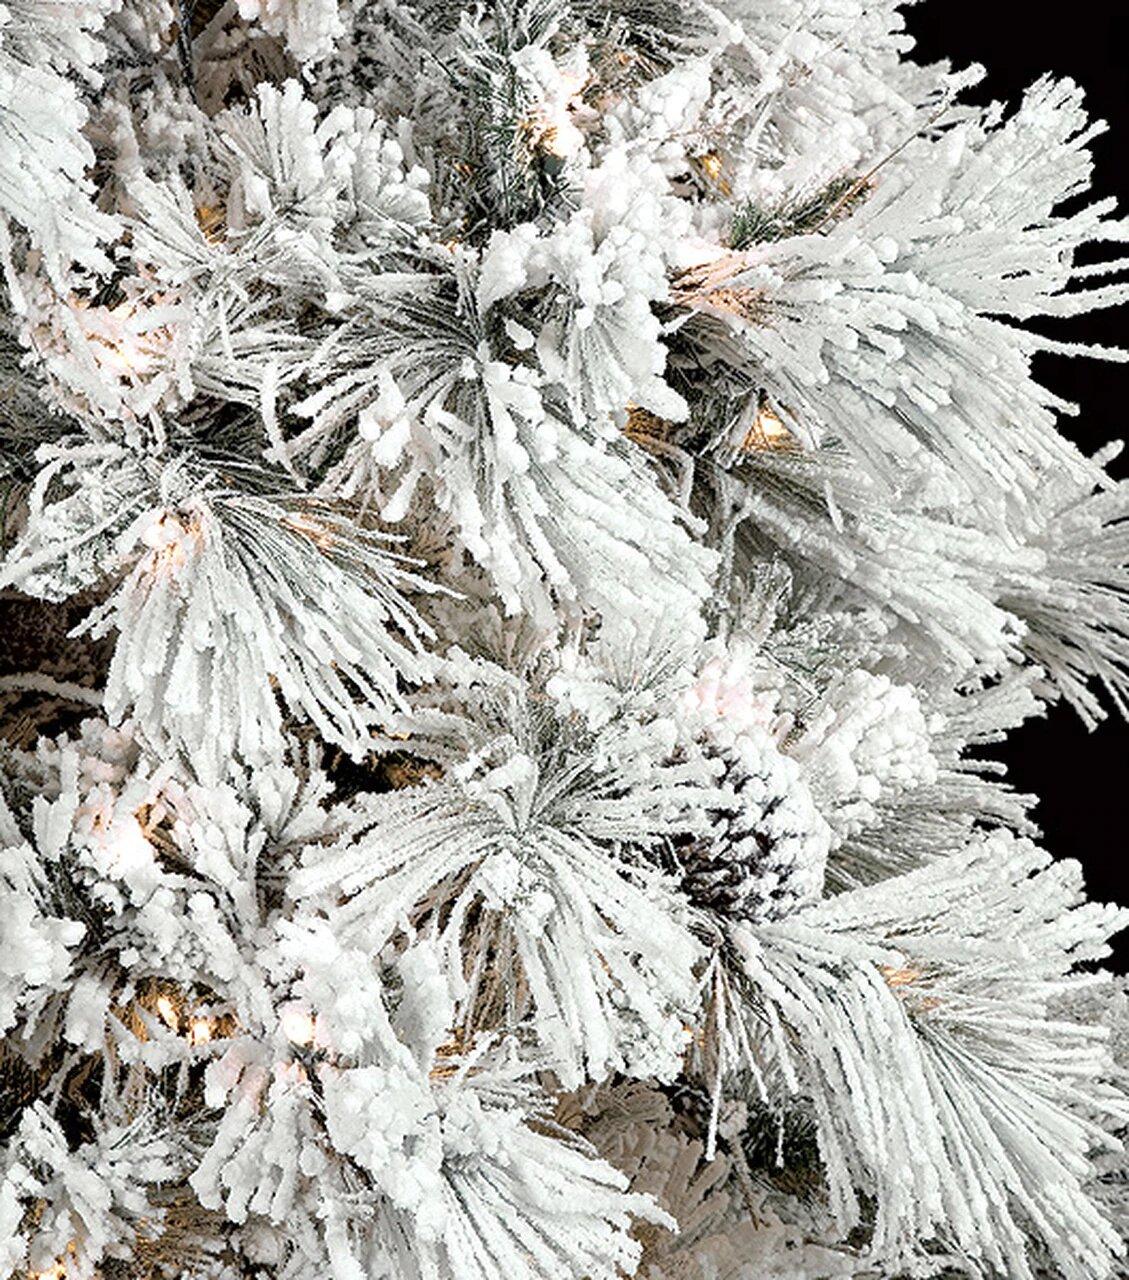 Earthflora > LED Christmas Trees > 9' Heavy Flocked Tree